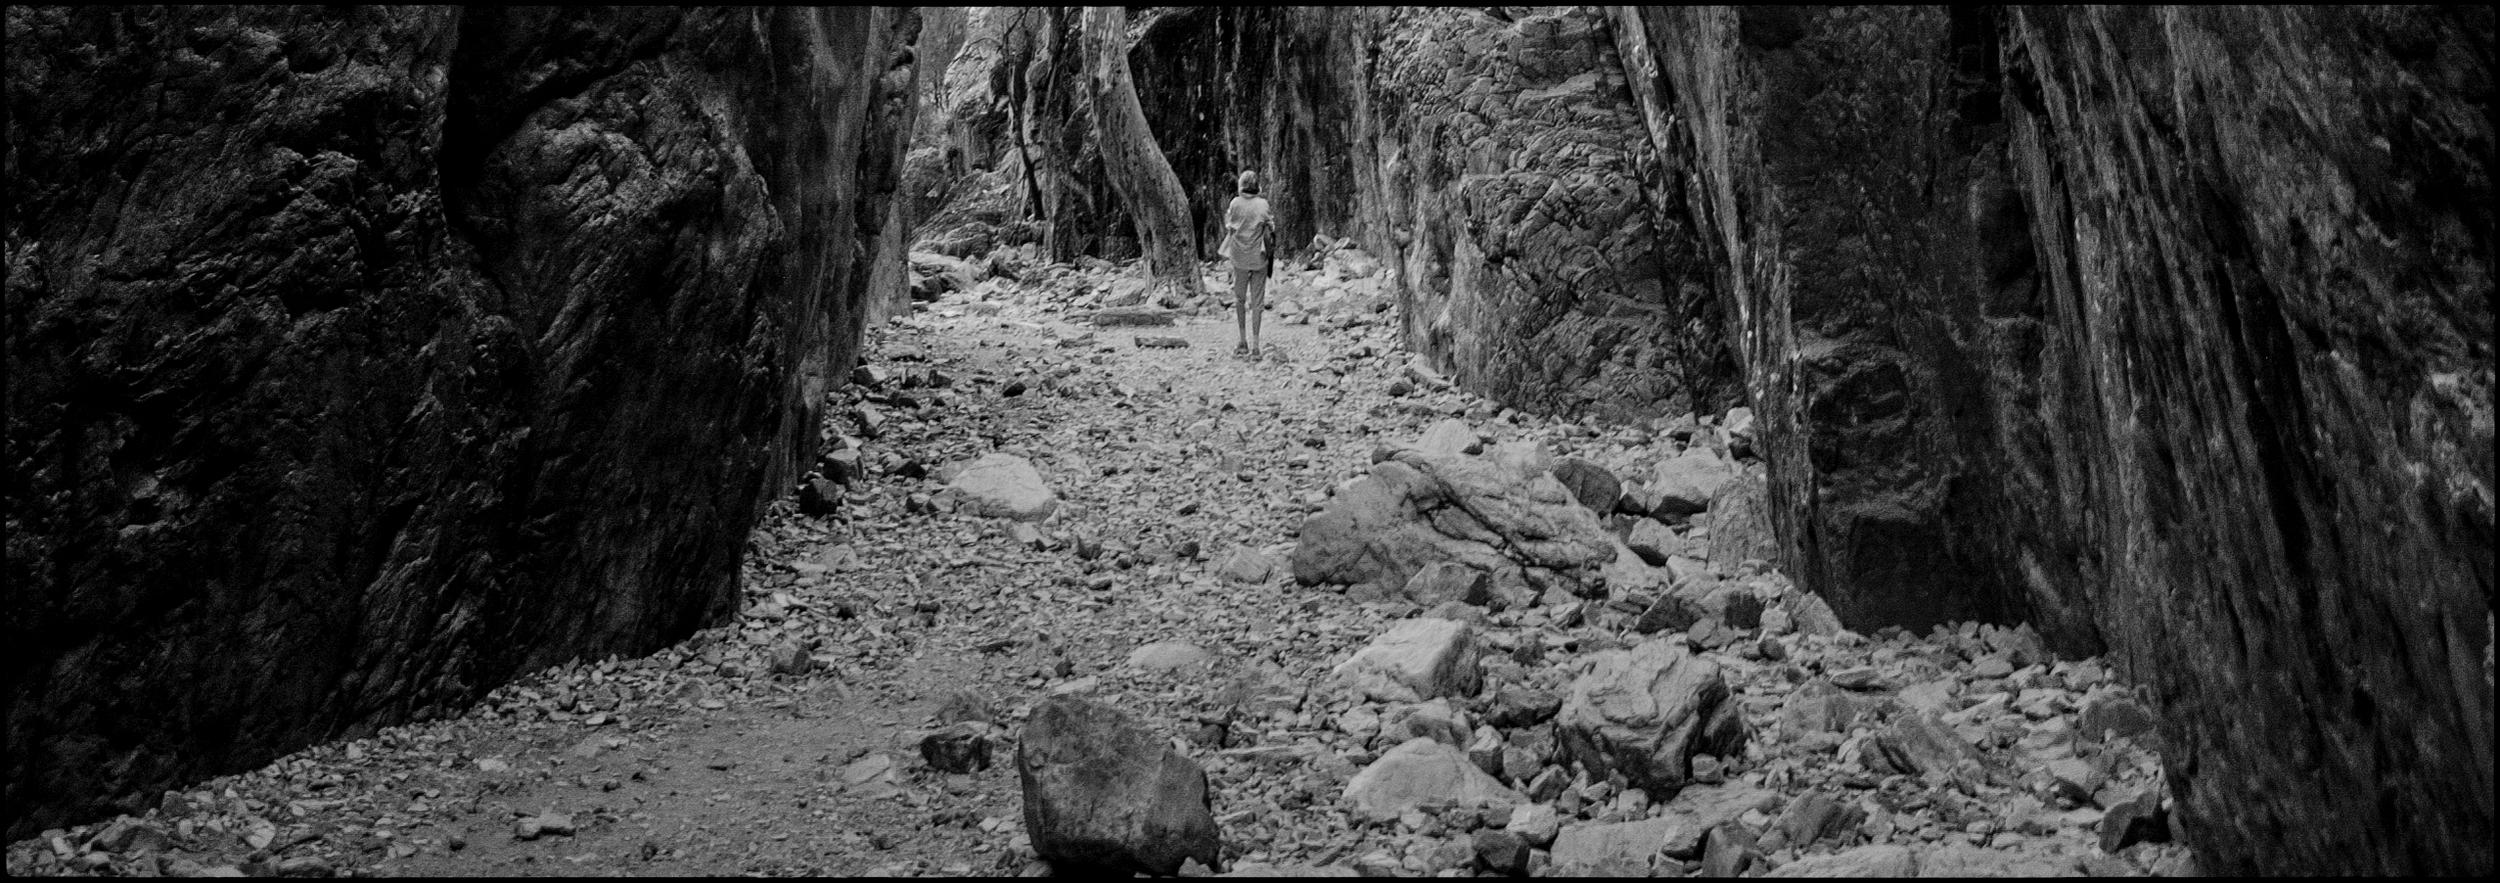 Through The Crevasse